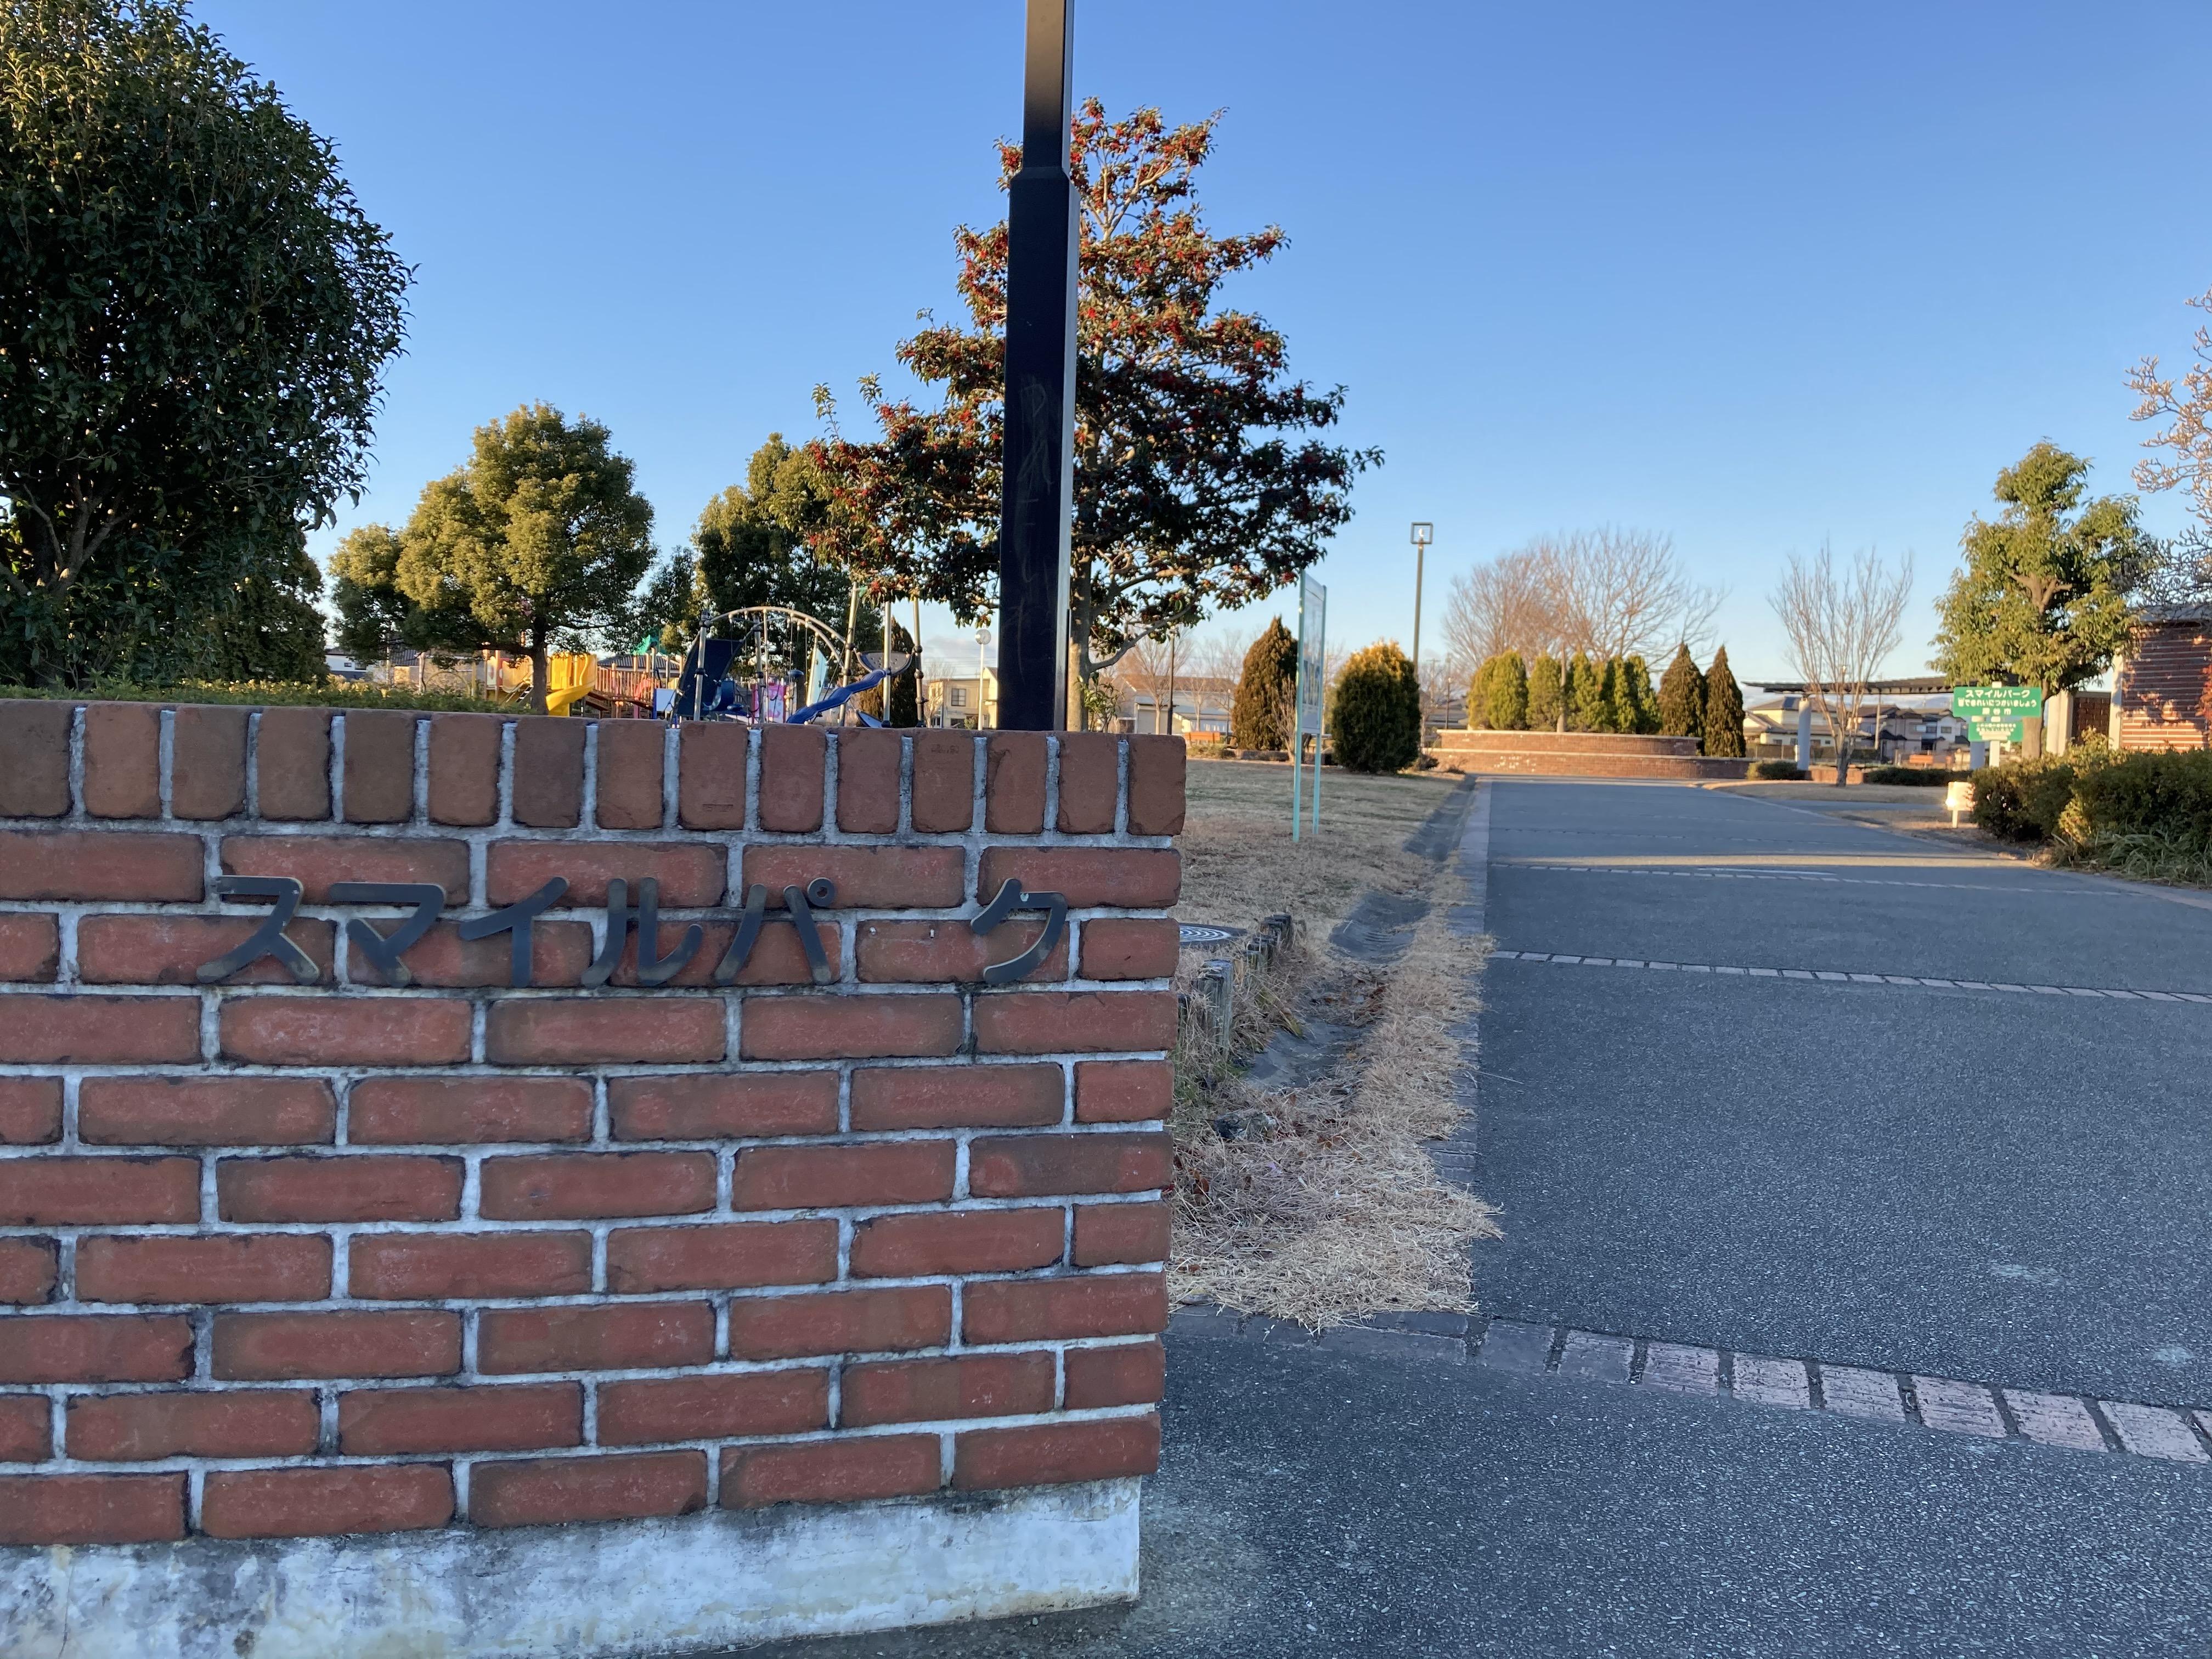 深谷市内の公園 スマイルパークの表示